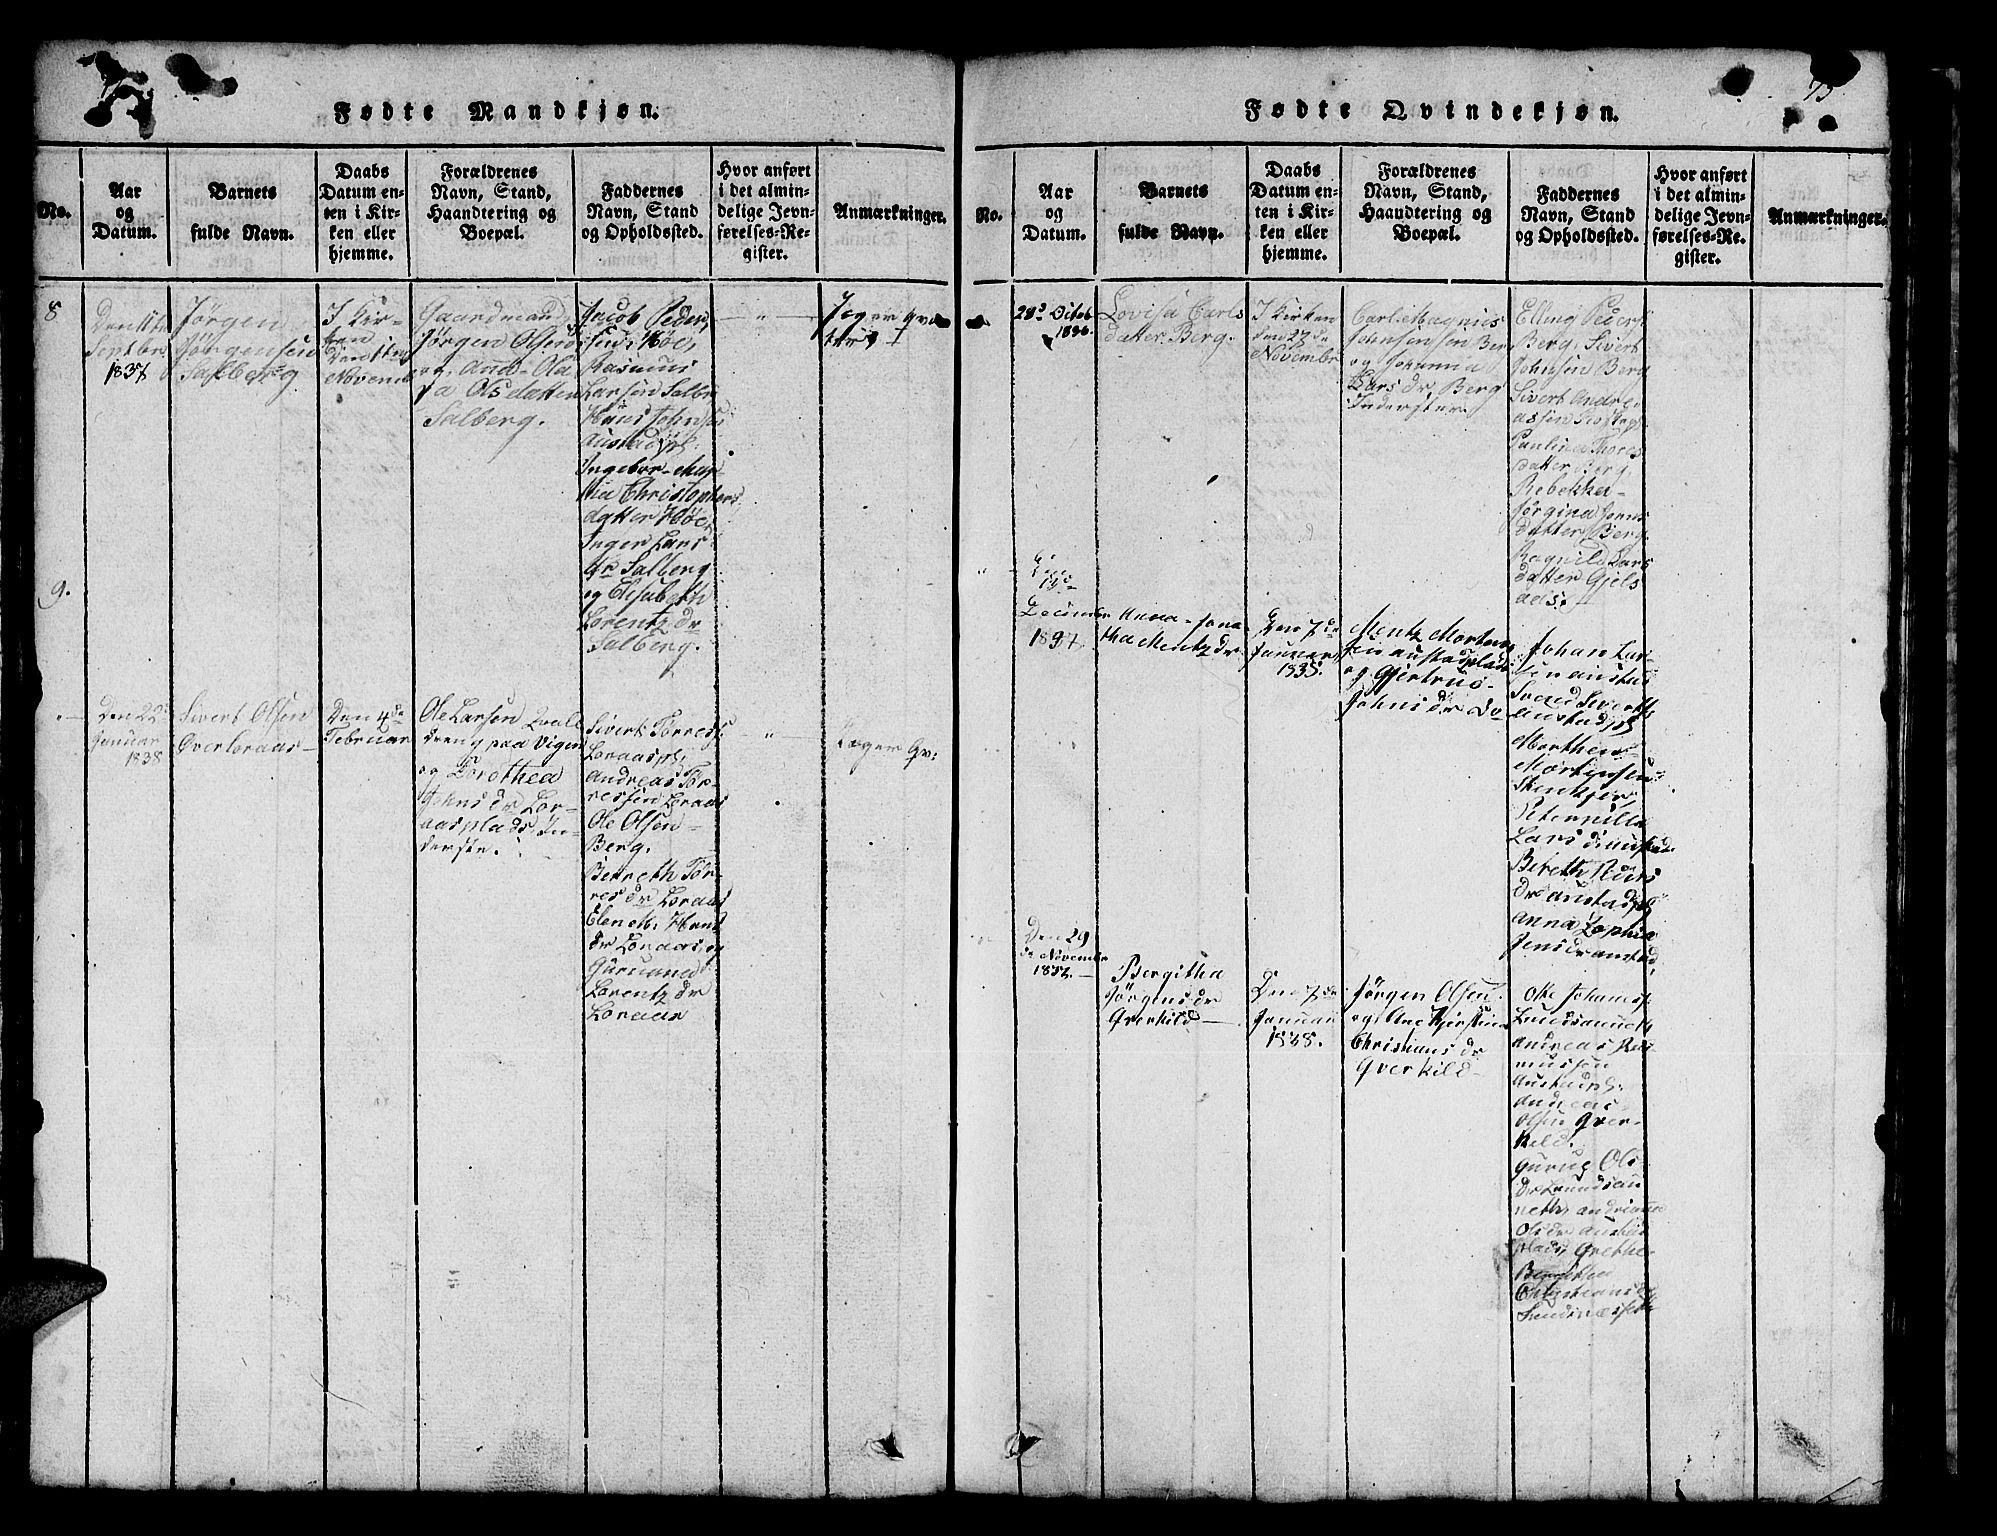 SAT, Ministerialprotokoller, klokkerbøker og fødselsregistre - Nord-Trøndelag, 731/L0310: Klokkerbok nr. 731C01, 1816-1874, s. 72-73